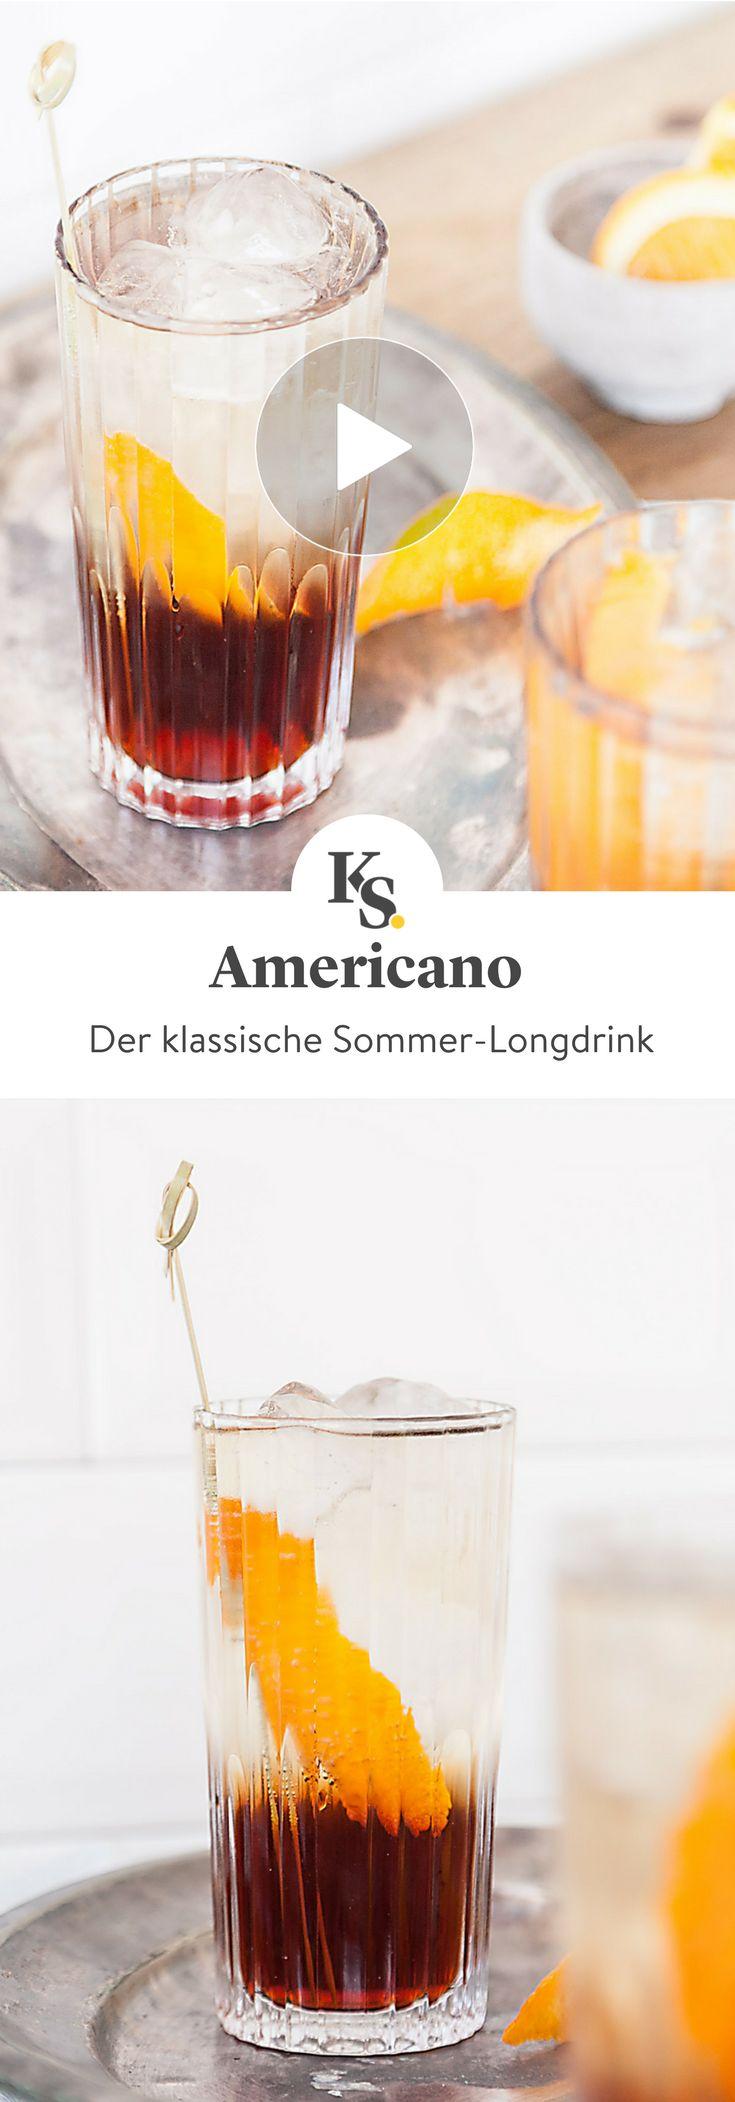 Verzauberkunst Longdrinks Klassiker Das Beste Von Americano. Ein Unter Den